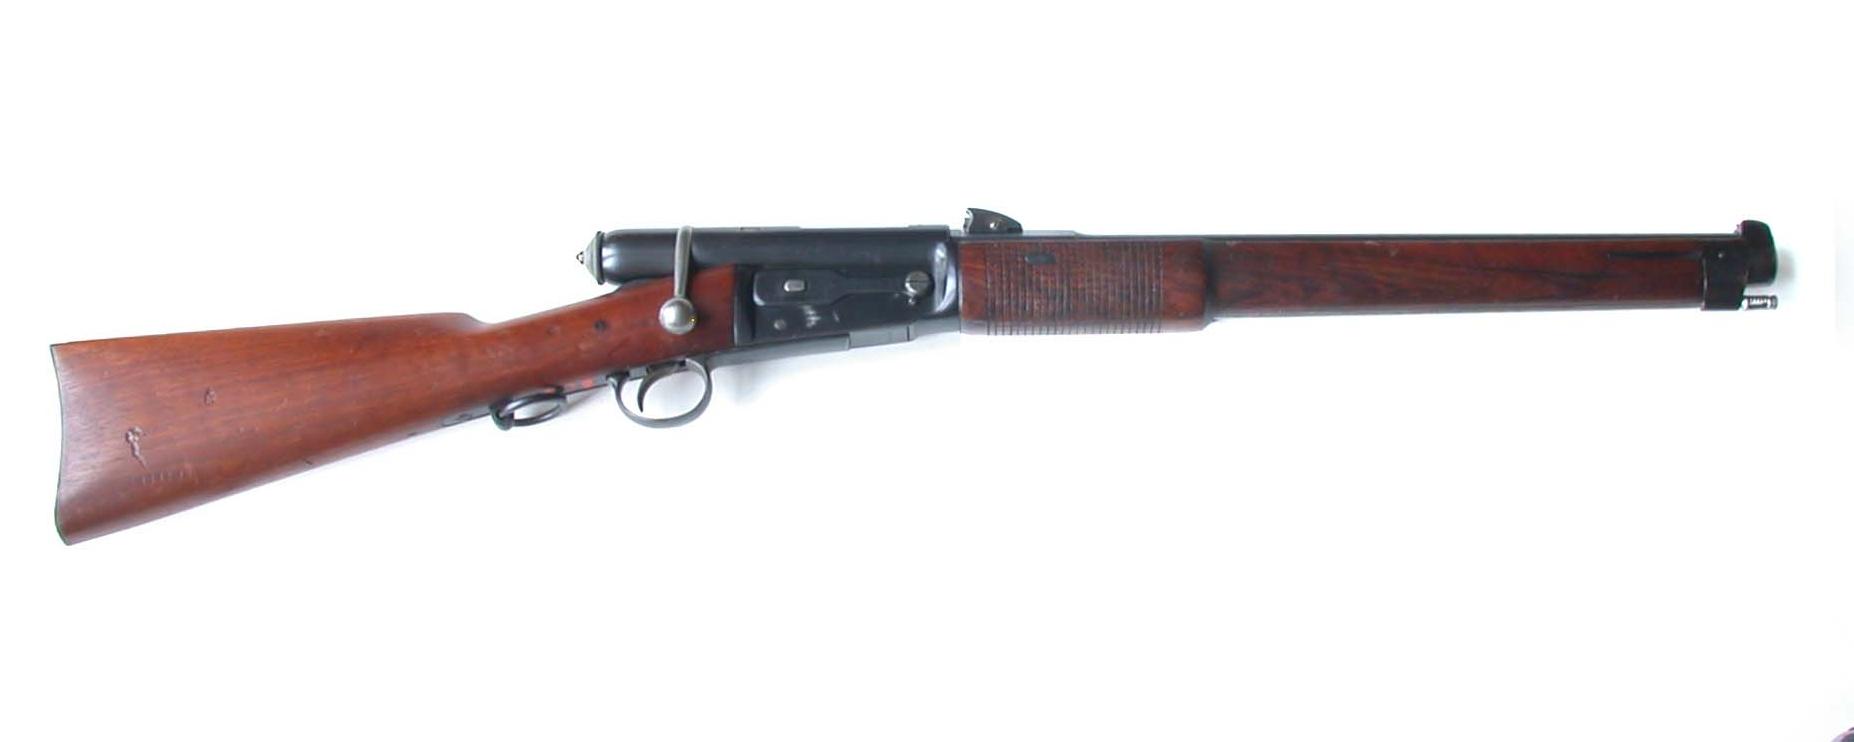 Swiss Rifle With A Ring On Firing Pin Schmidt Reben